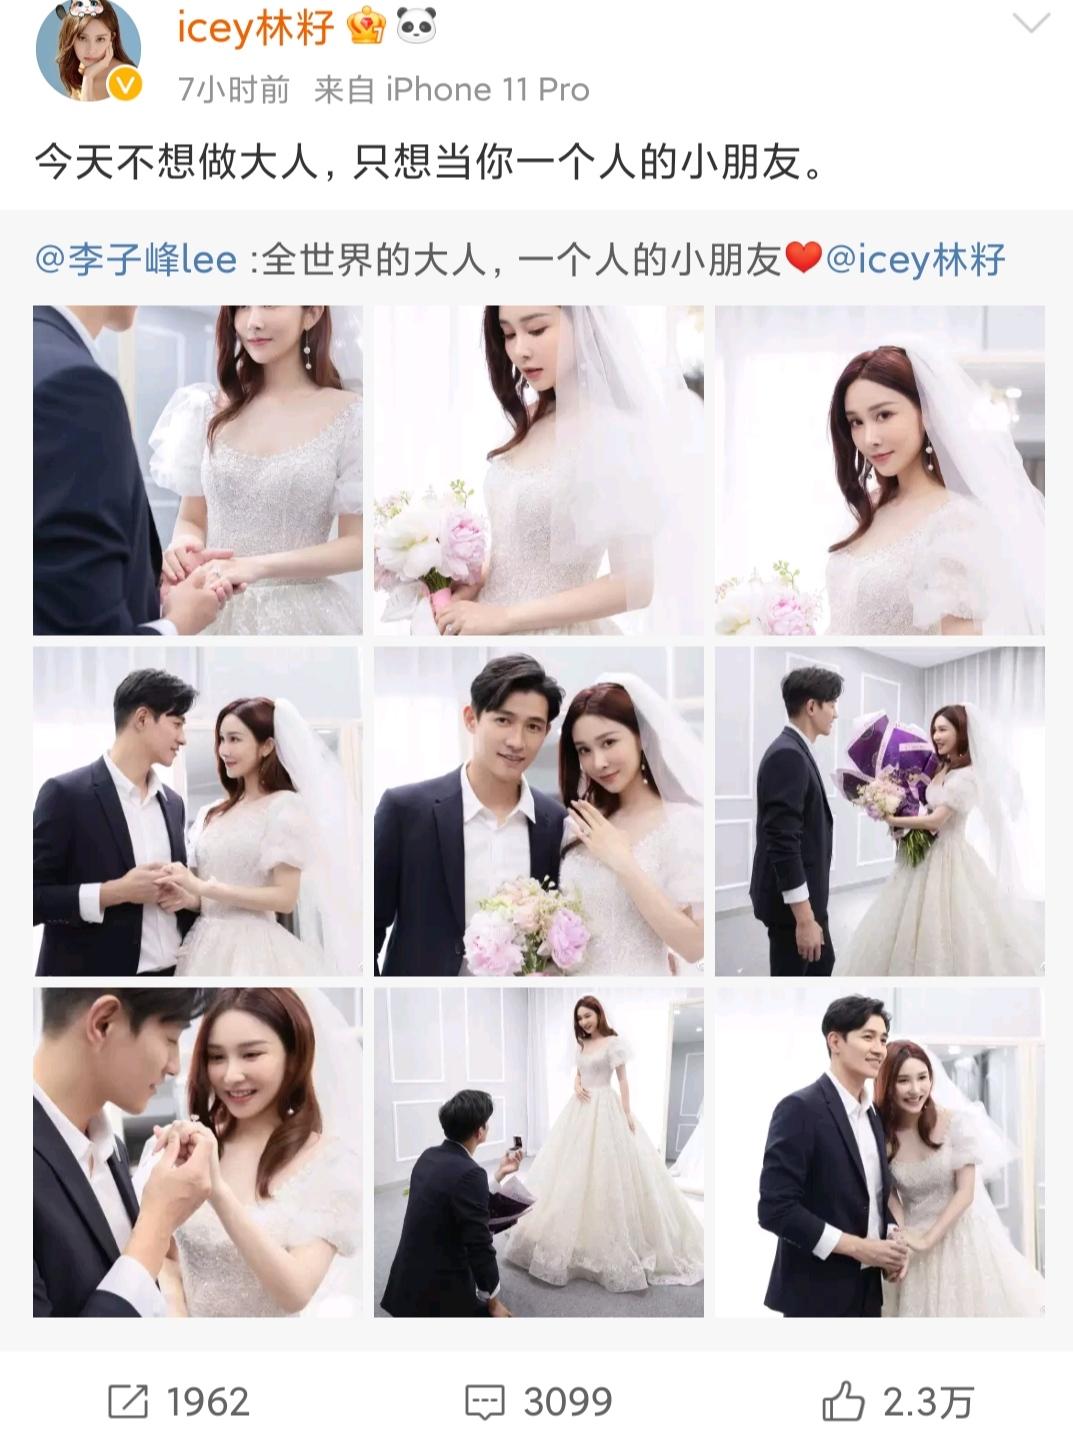 李子峰求婚,张天爱的前男友李子峰求婚,李子峰向林籽求婚